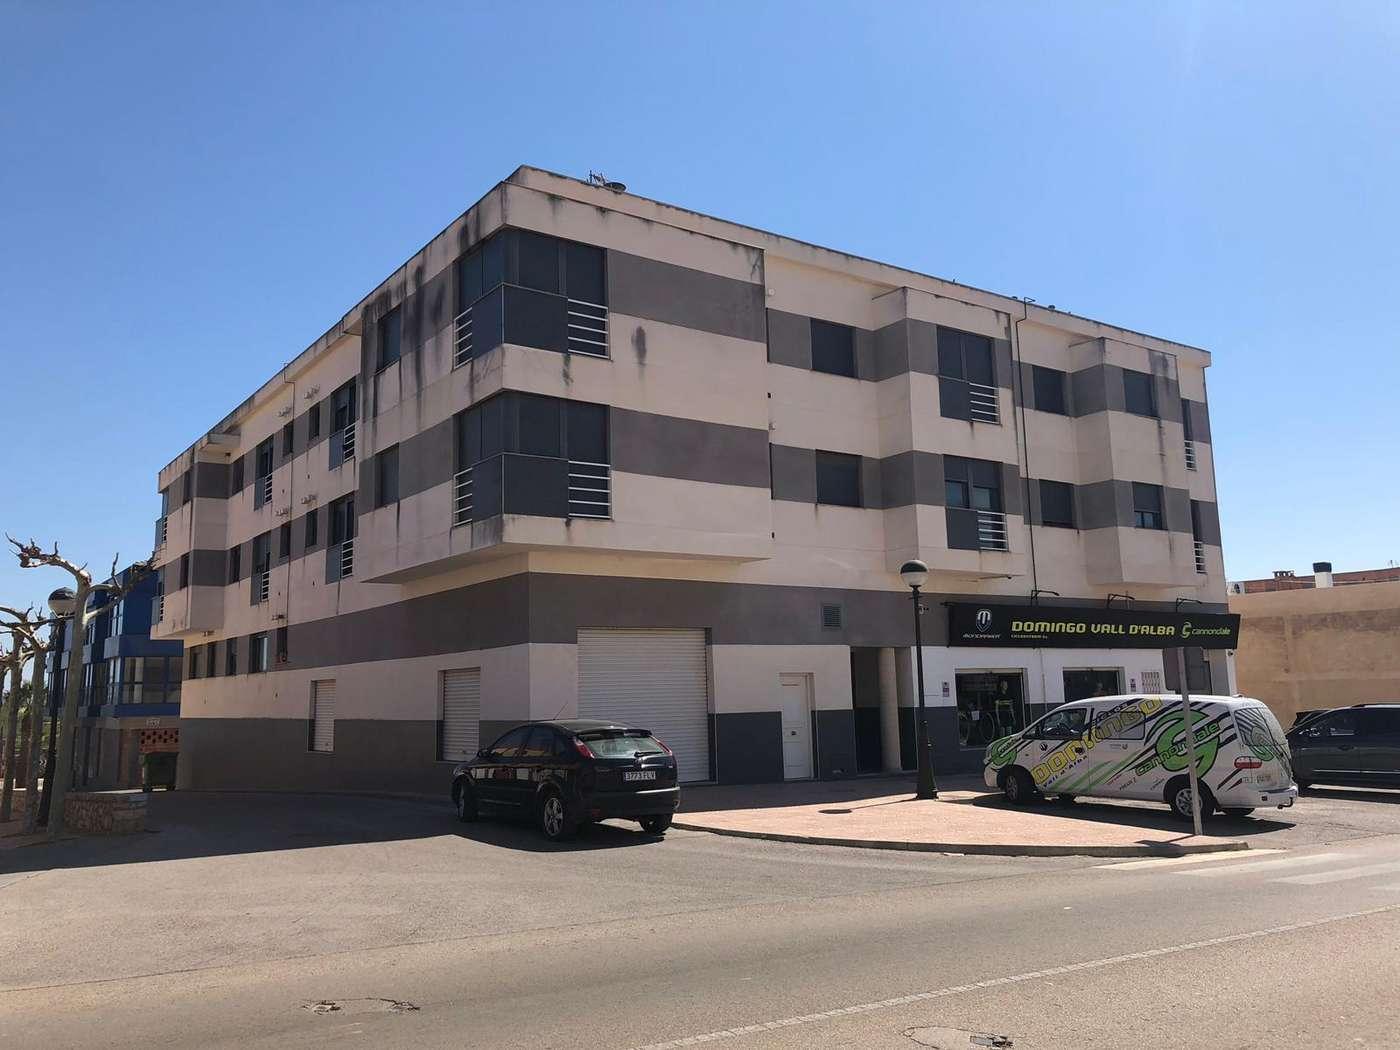 Etagenwohnung  Avenida villafranca, 80. Venta de piso en av villafranca 80,vall d\'alba (castellón/caste